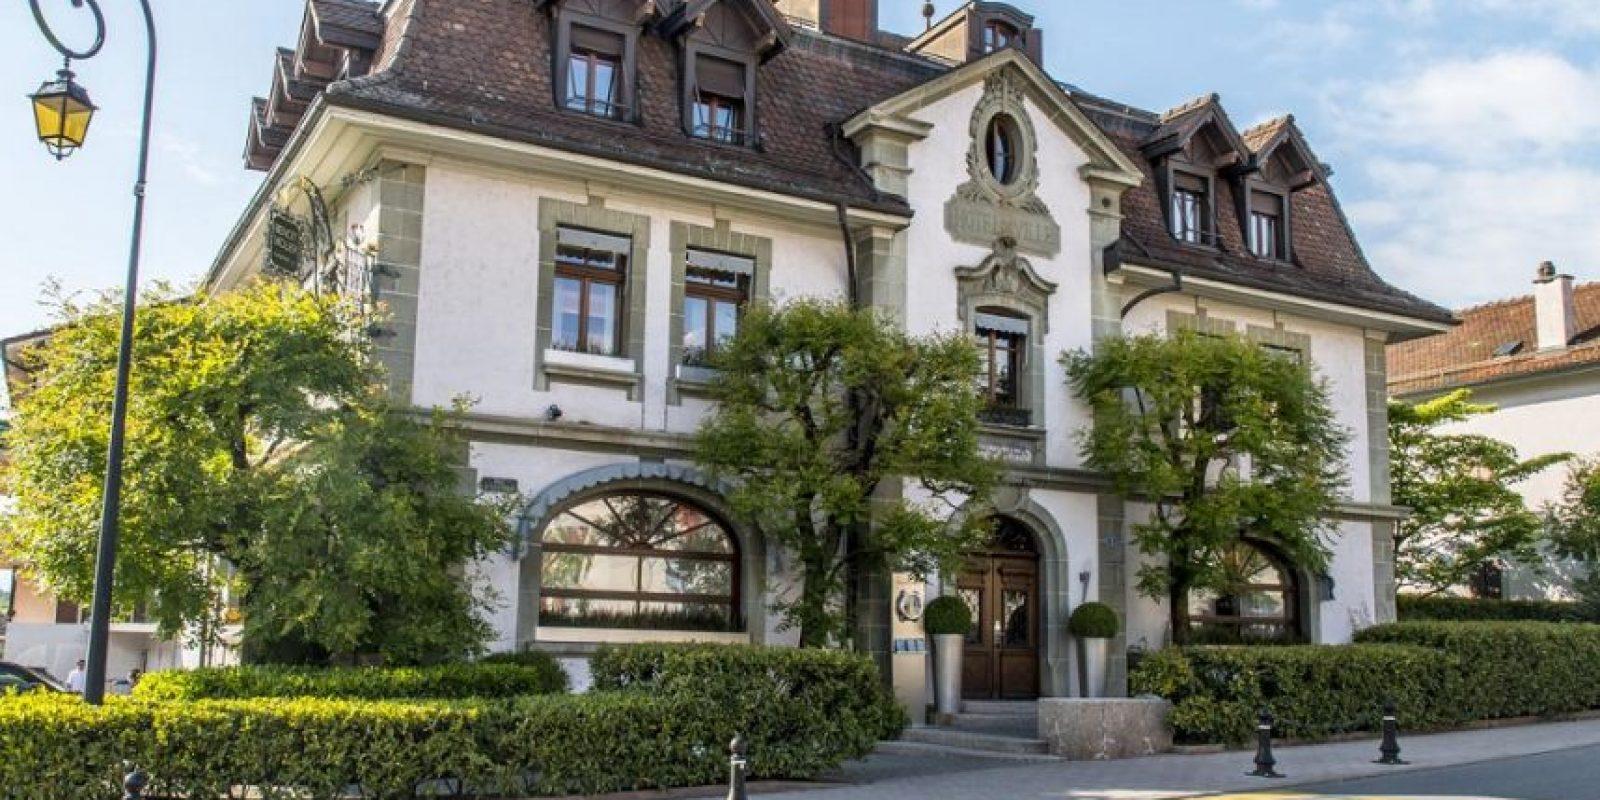 Restaurant de l'Hôtel de Ville, en Suiza, propiedad de Violier. Foto:Fuente Externa